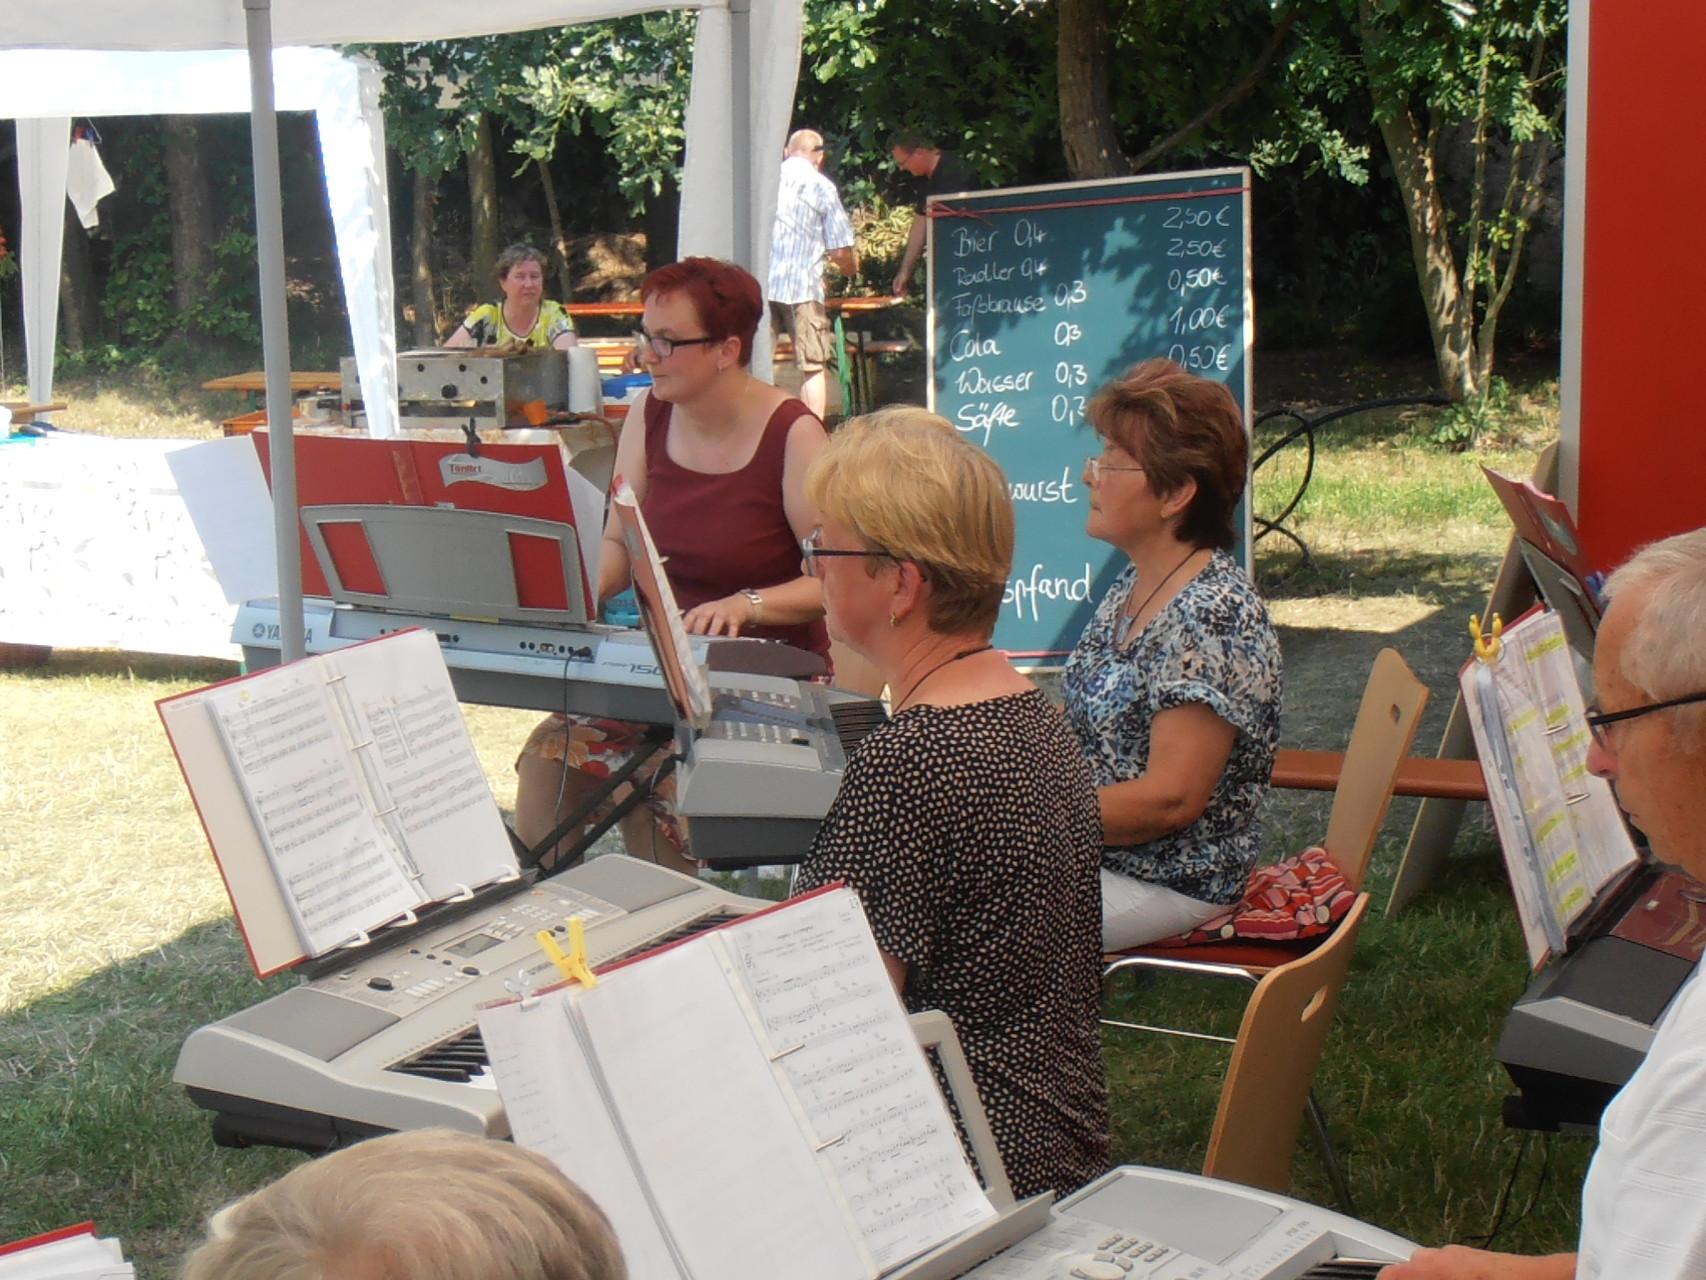 Wir spielen auch bei 35 Grad im Schatten...in Wildenhain an der Kirchenscheune